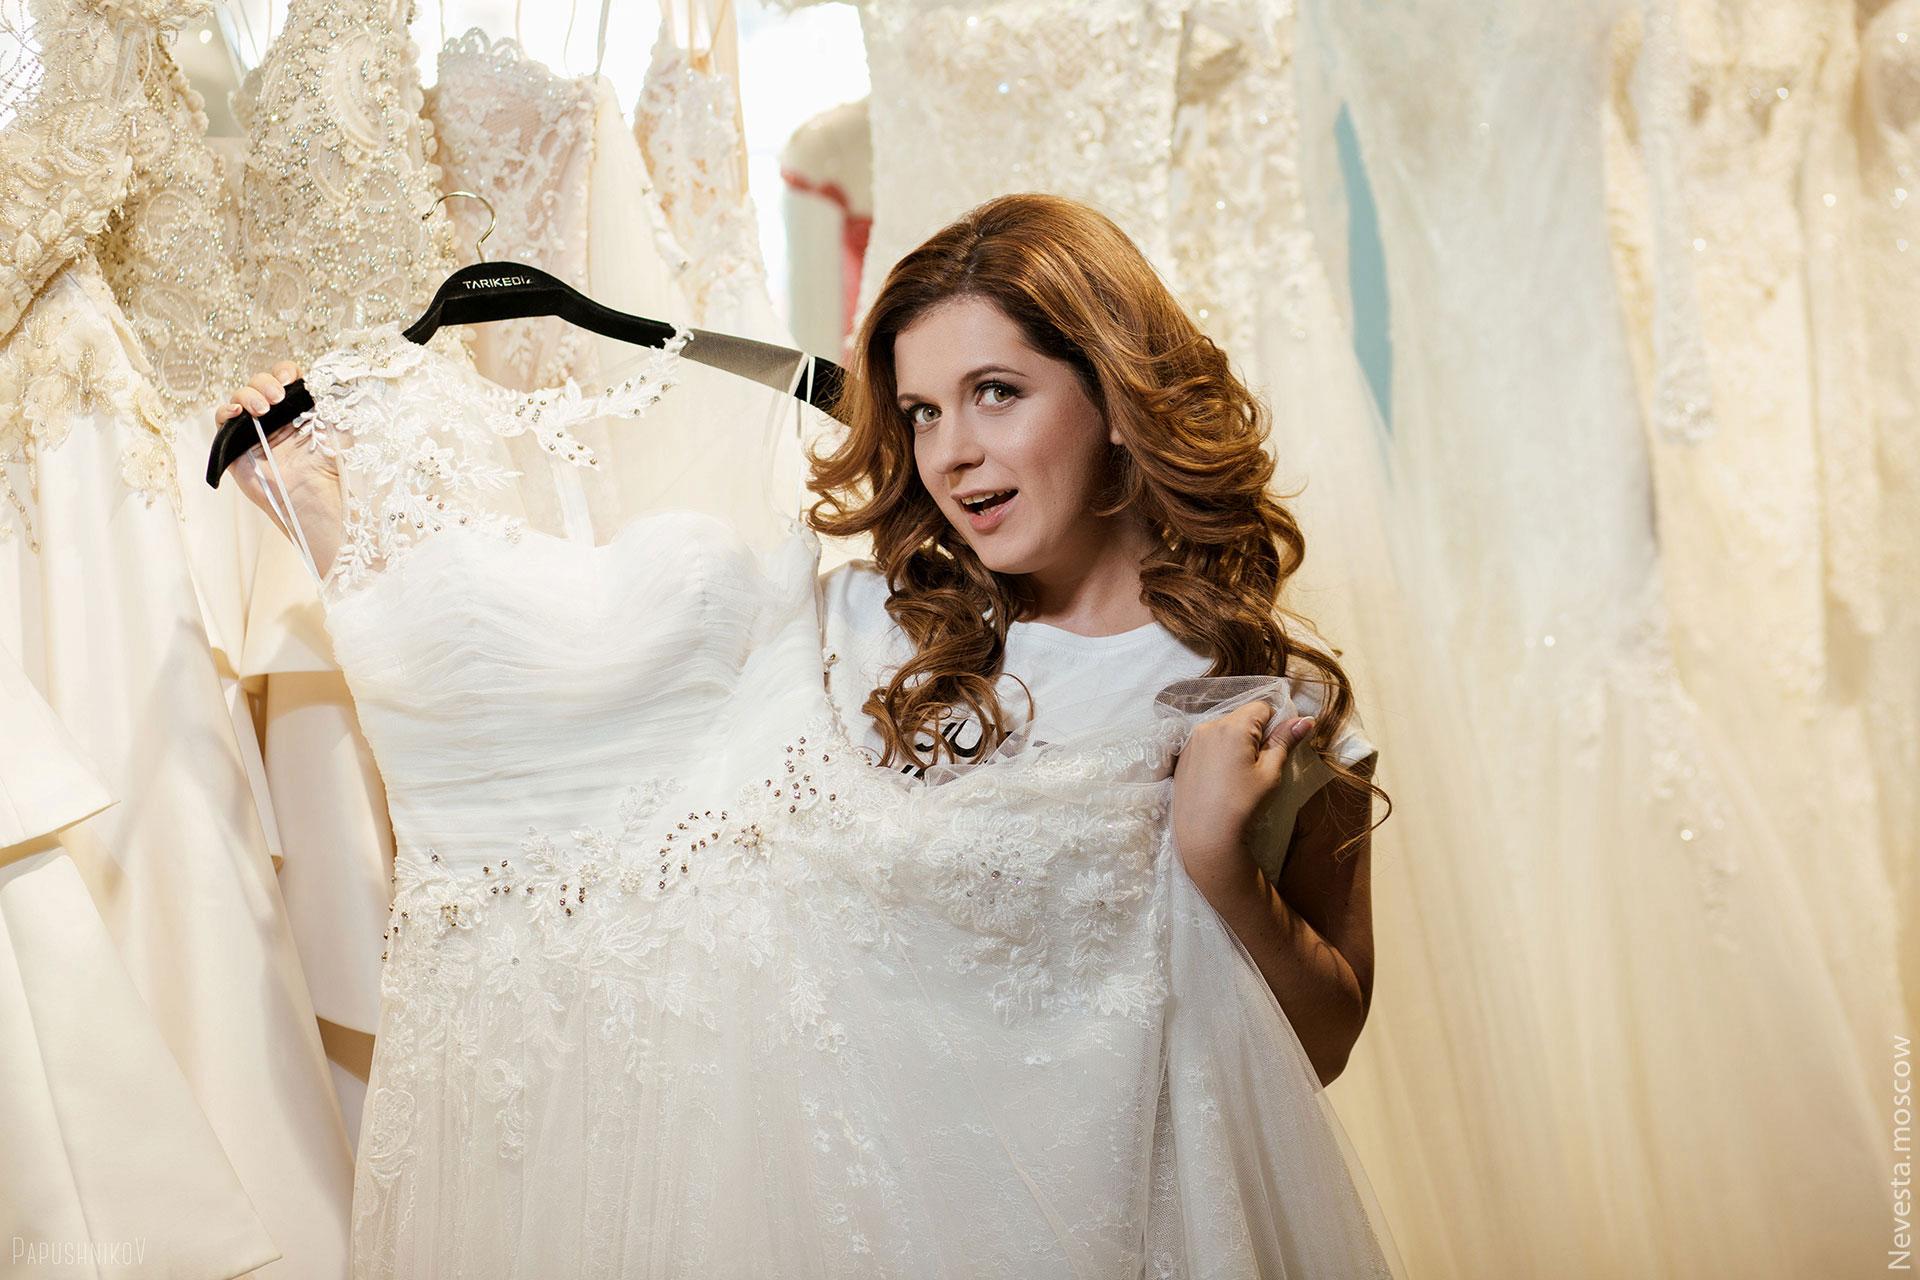 Анастасия Денисова выбирает образ для своей свадьбы